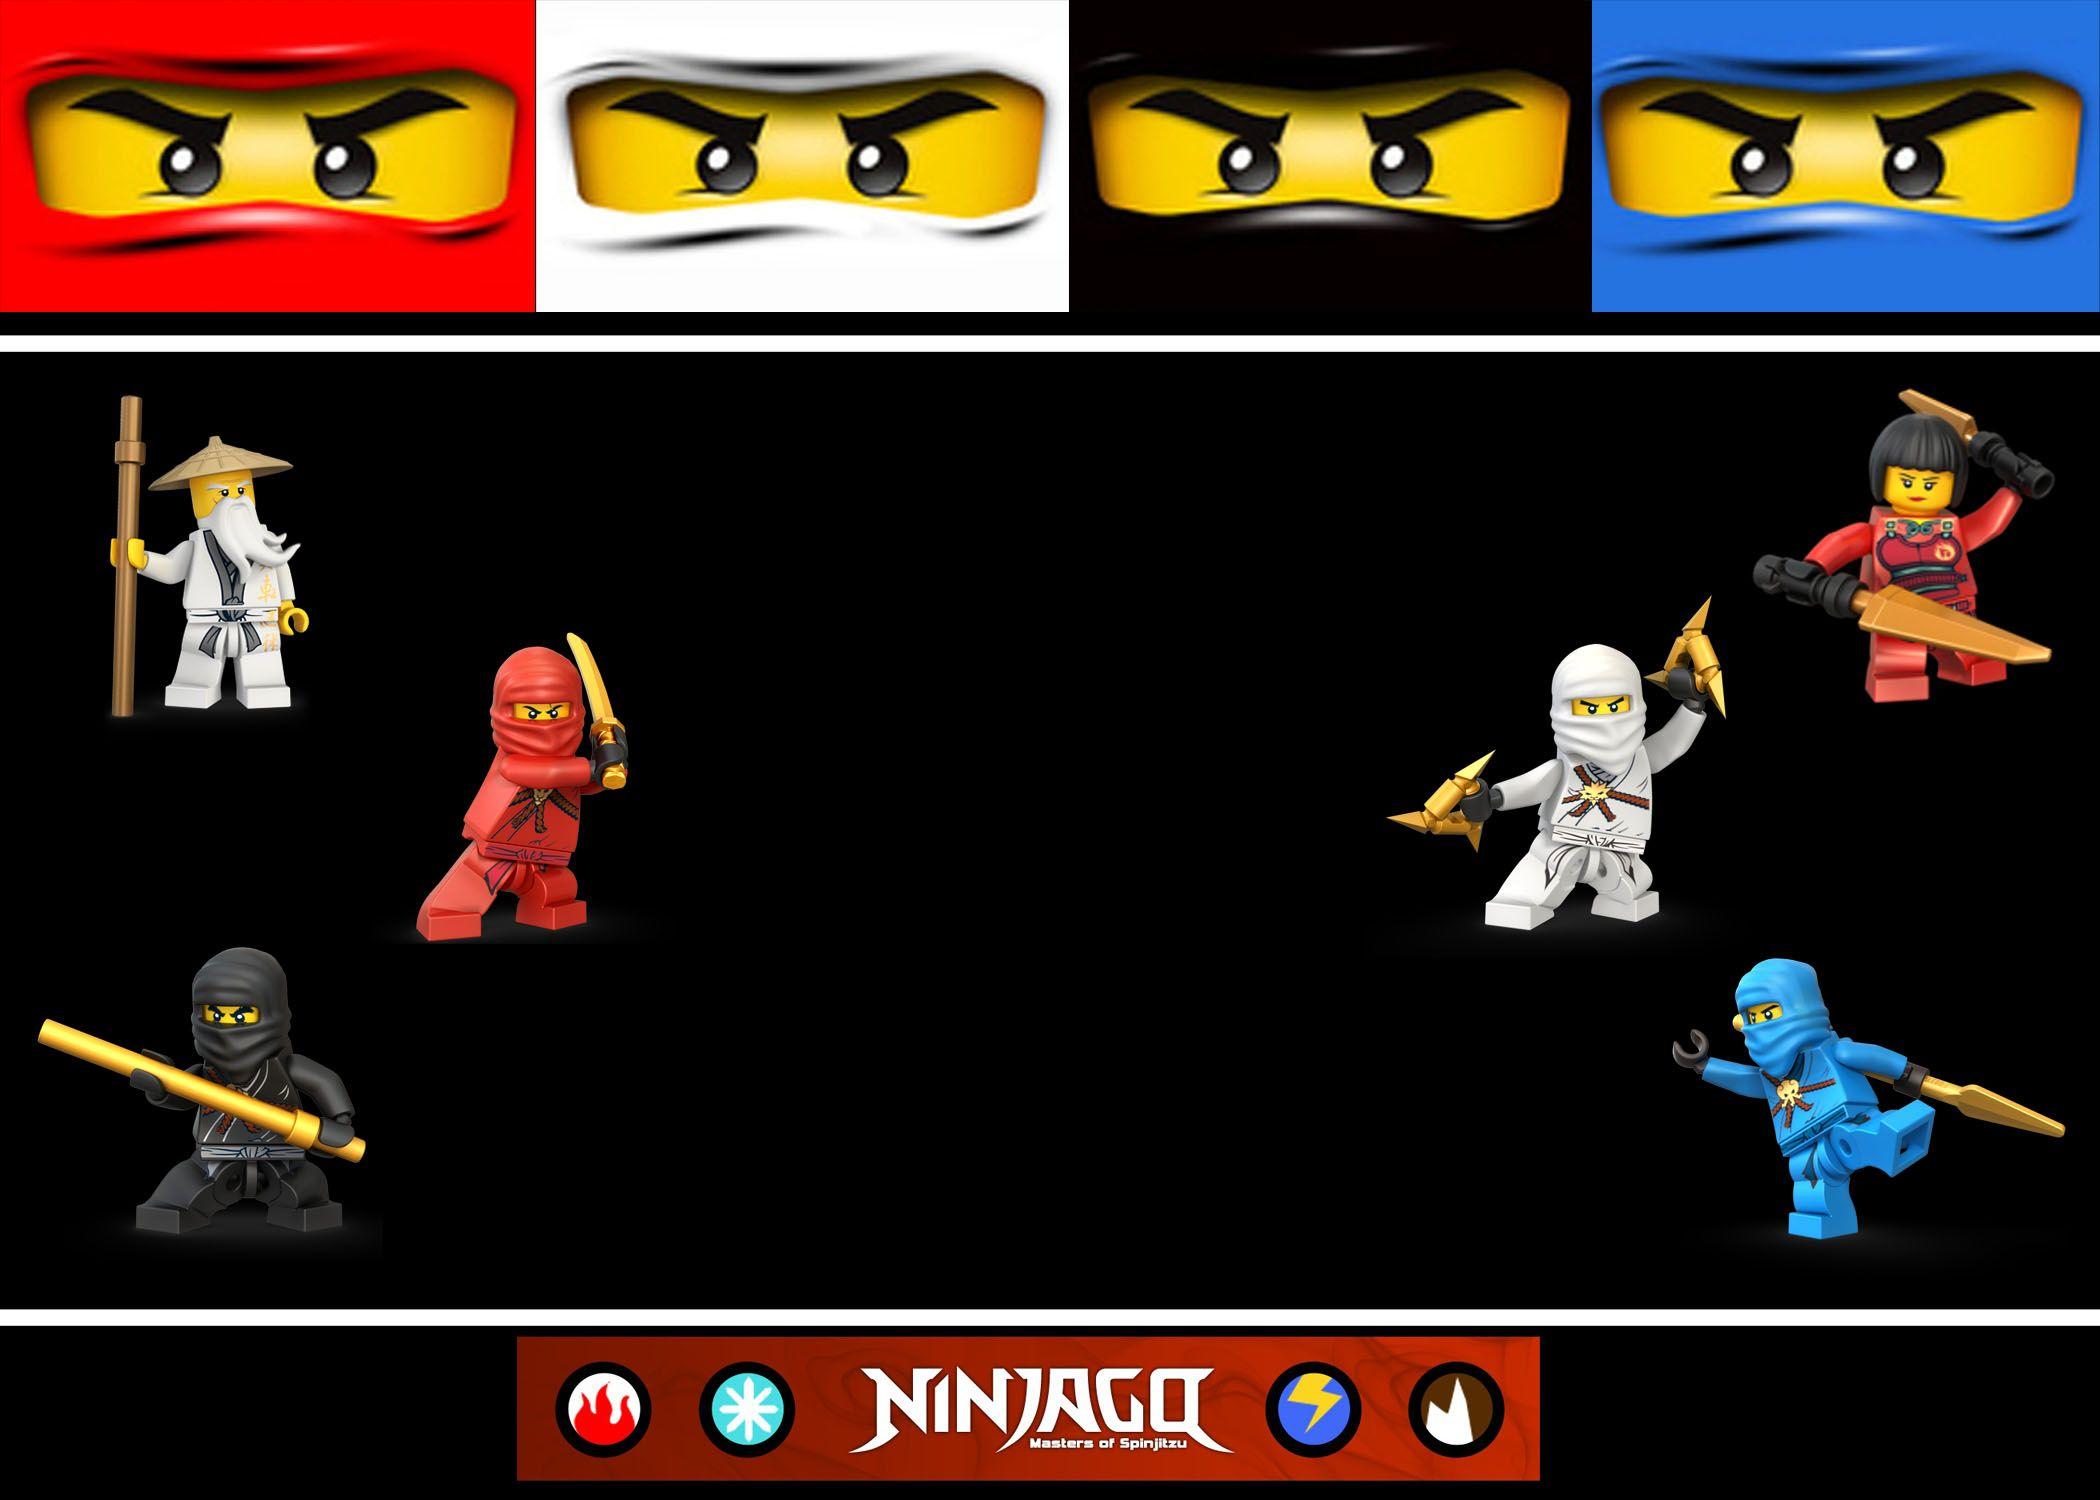 Festa Ninjago 25 Dicas Para Organizar E Decorar Bday